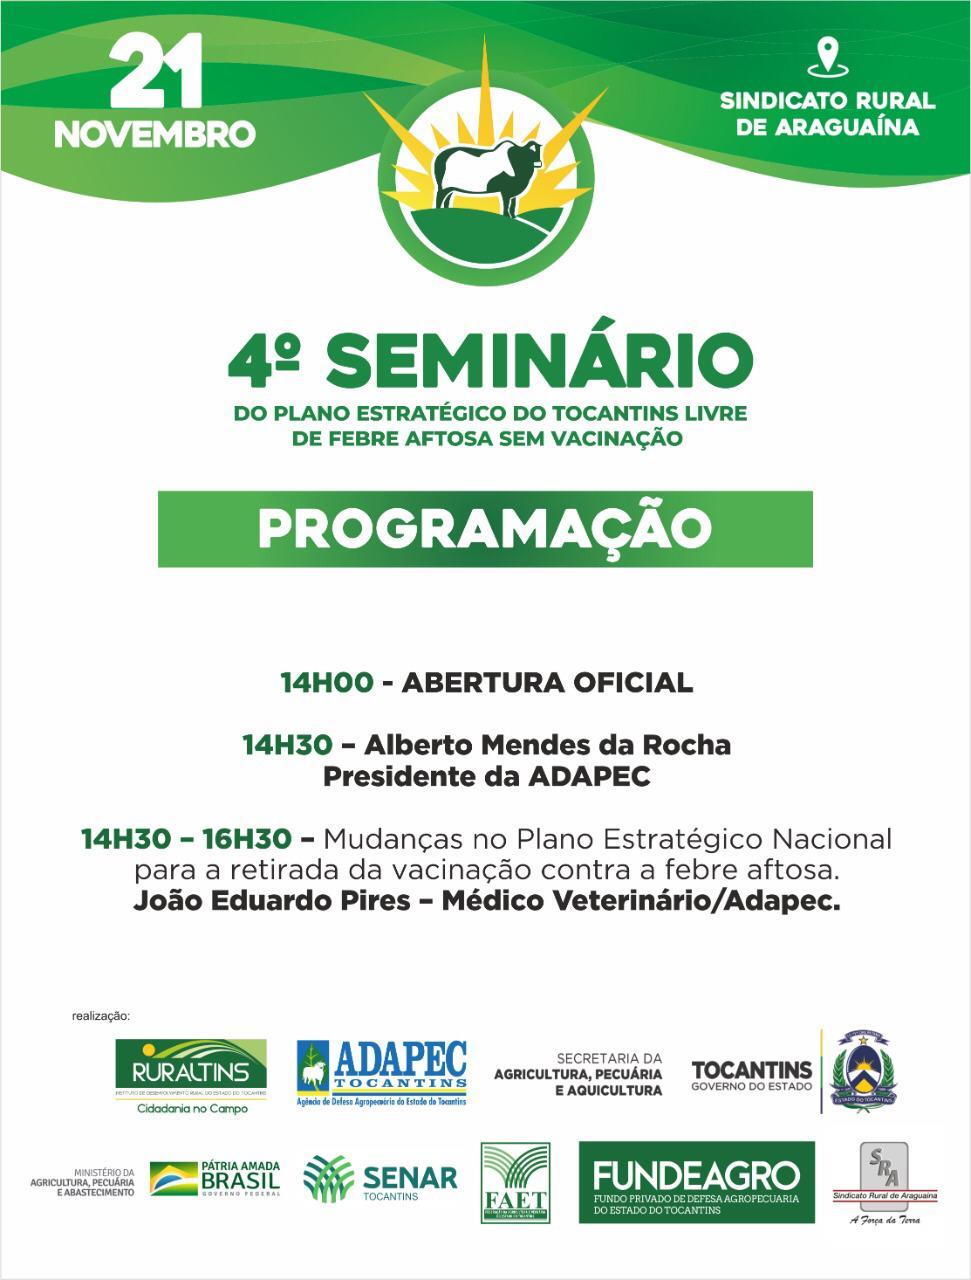 Araguaína receberá o 4º Seminário sobre a retirada da vacinação contra a febre aftosa